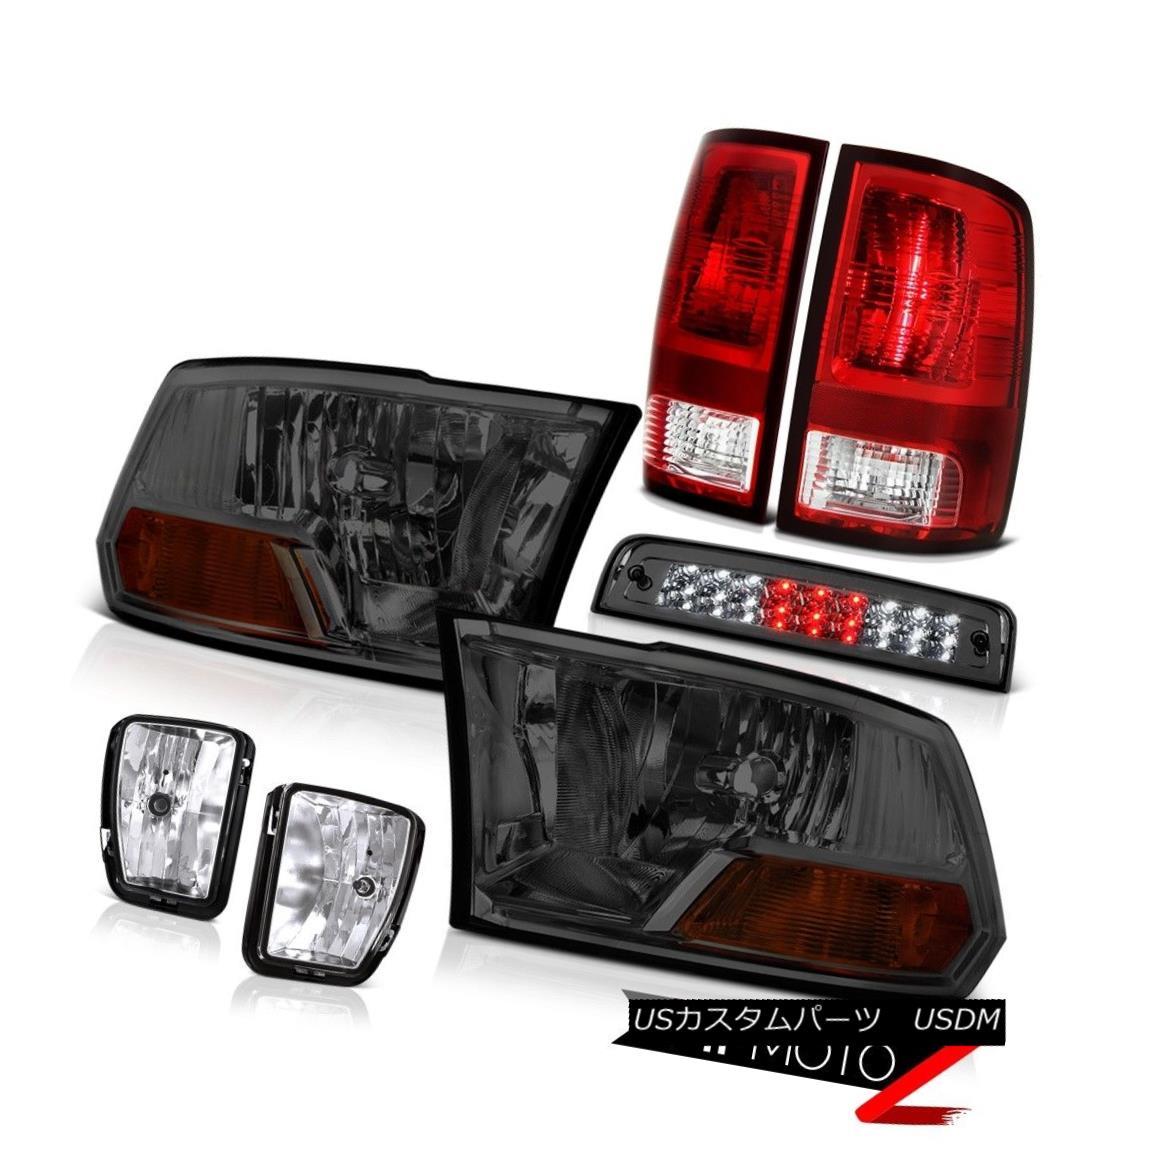 ヘッドライト 2013-2018 Dodge Ram 1500 5.7L Third Brake Lamp Fog Lamps Taillights Headlights 2013-2018 Dodge Ram 1500 5.7L第3ブレーキランプフォグランプテールライトヘッドライト